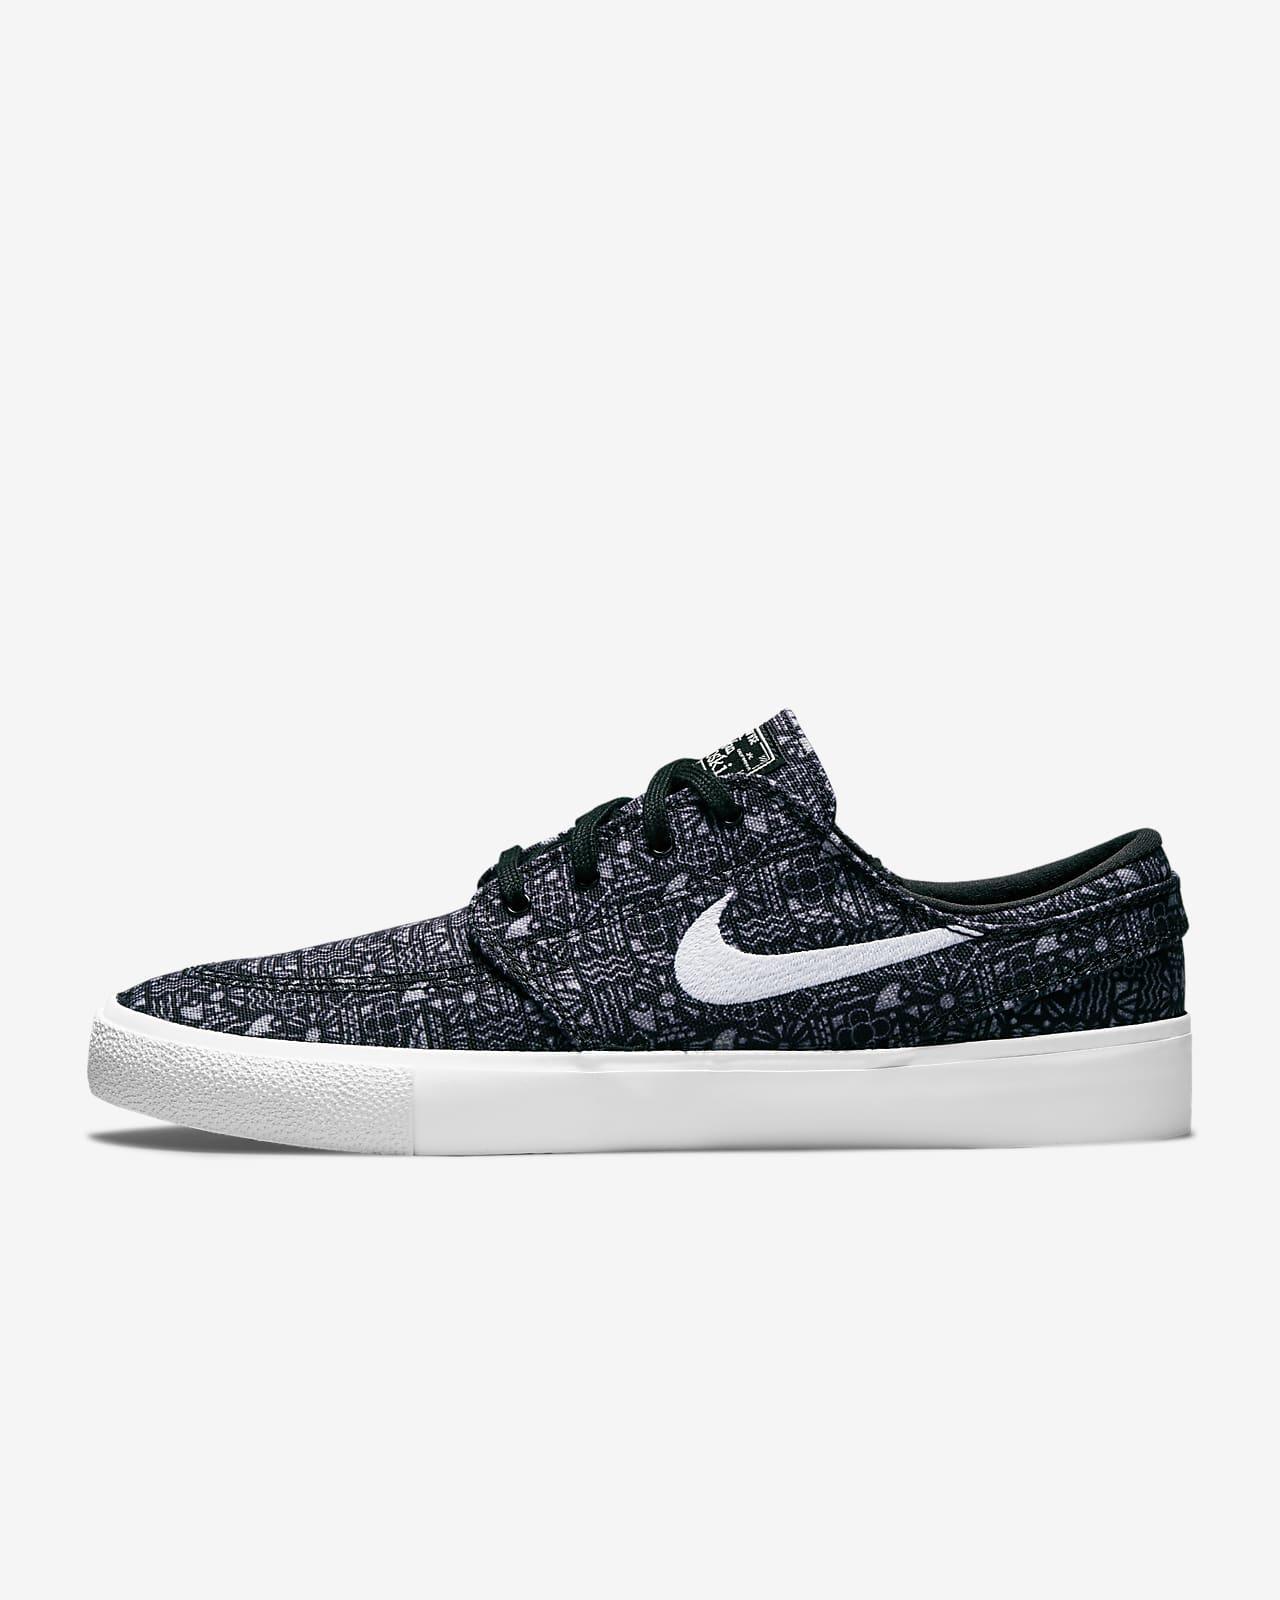 รองเท้าสเก็ตบอร์ด Nike SB Zoom Stefan Janoski Canvas RM Premium